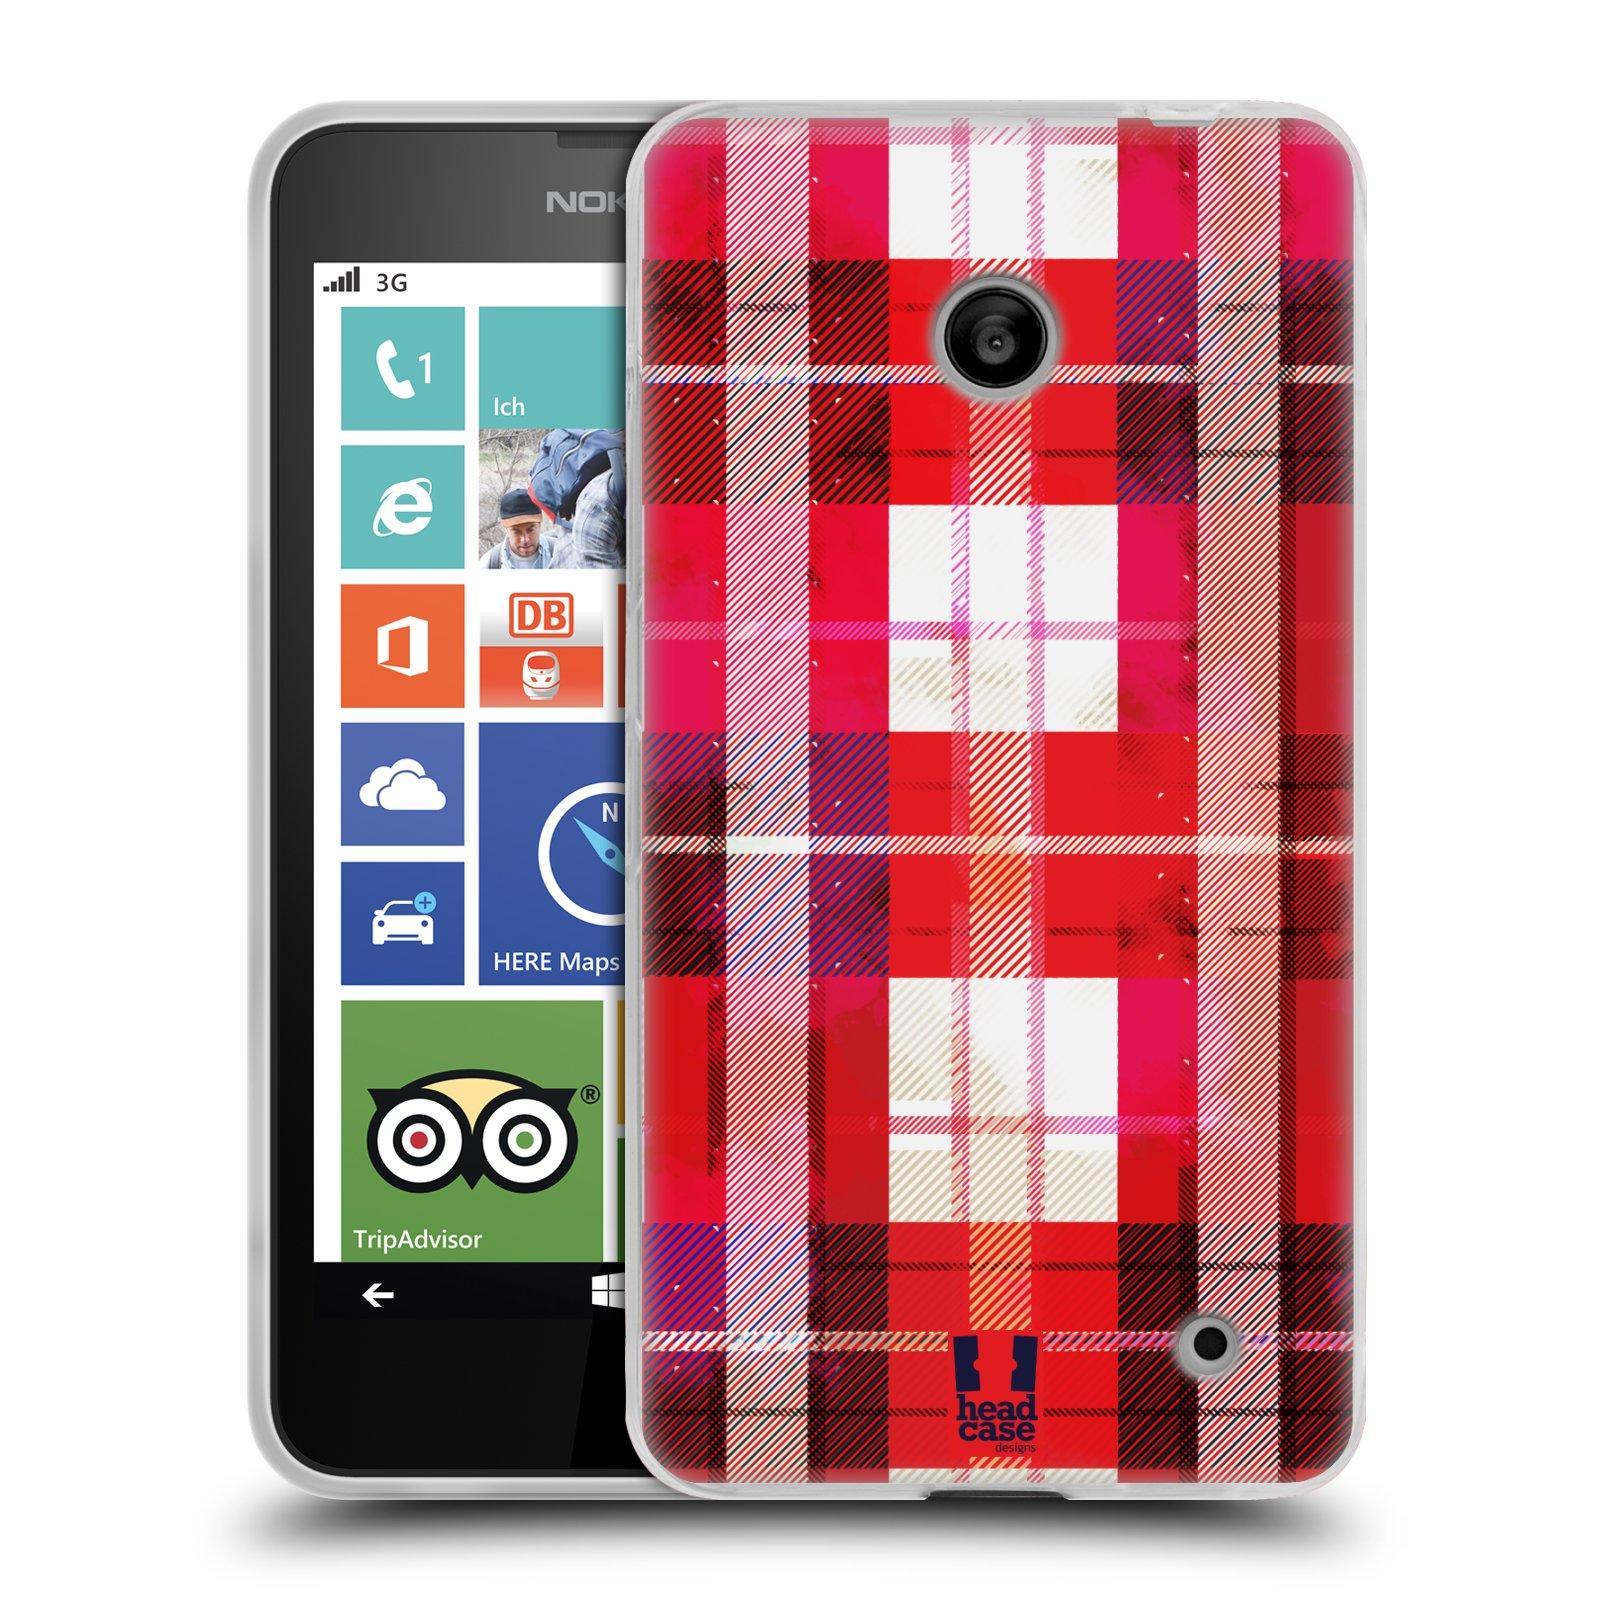 Silikonové pouzdro na mobil Nokia Lumia 630 HEAD CASE FLANEL RED (Silikonový kryt či obal na mobilní telefon Nokia Lumia 630 a Nokia Lumia 630 Dual SIM)